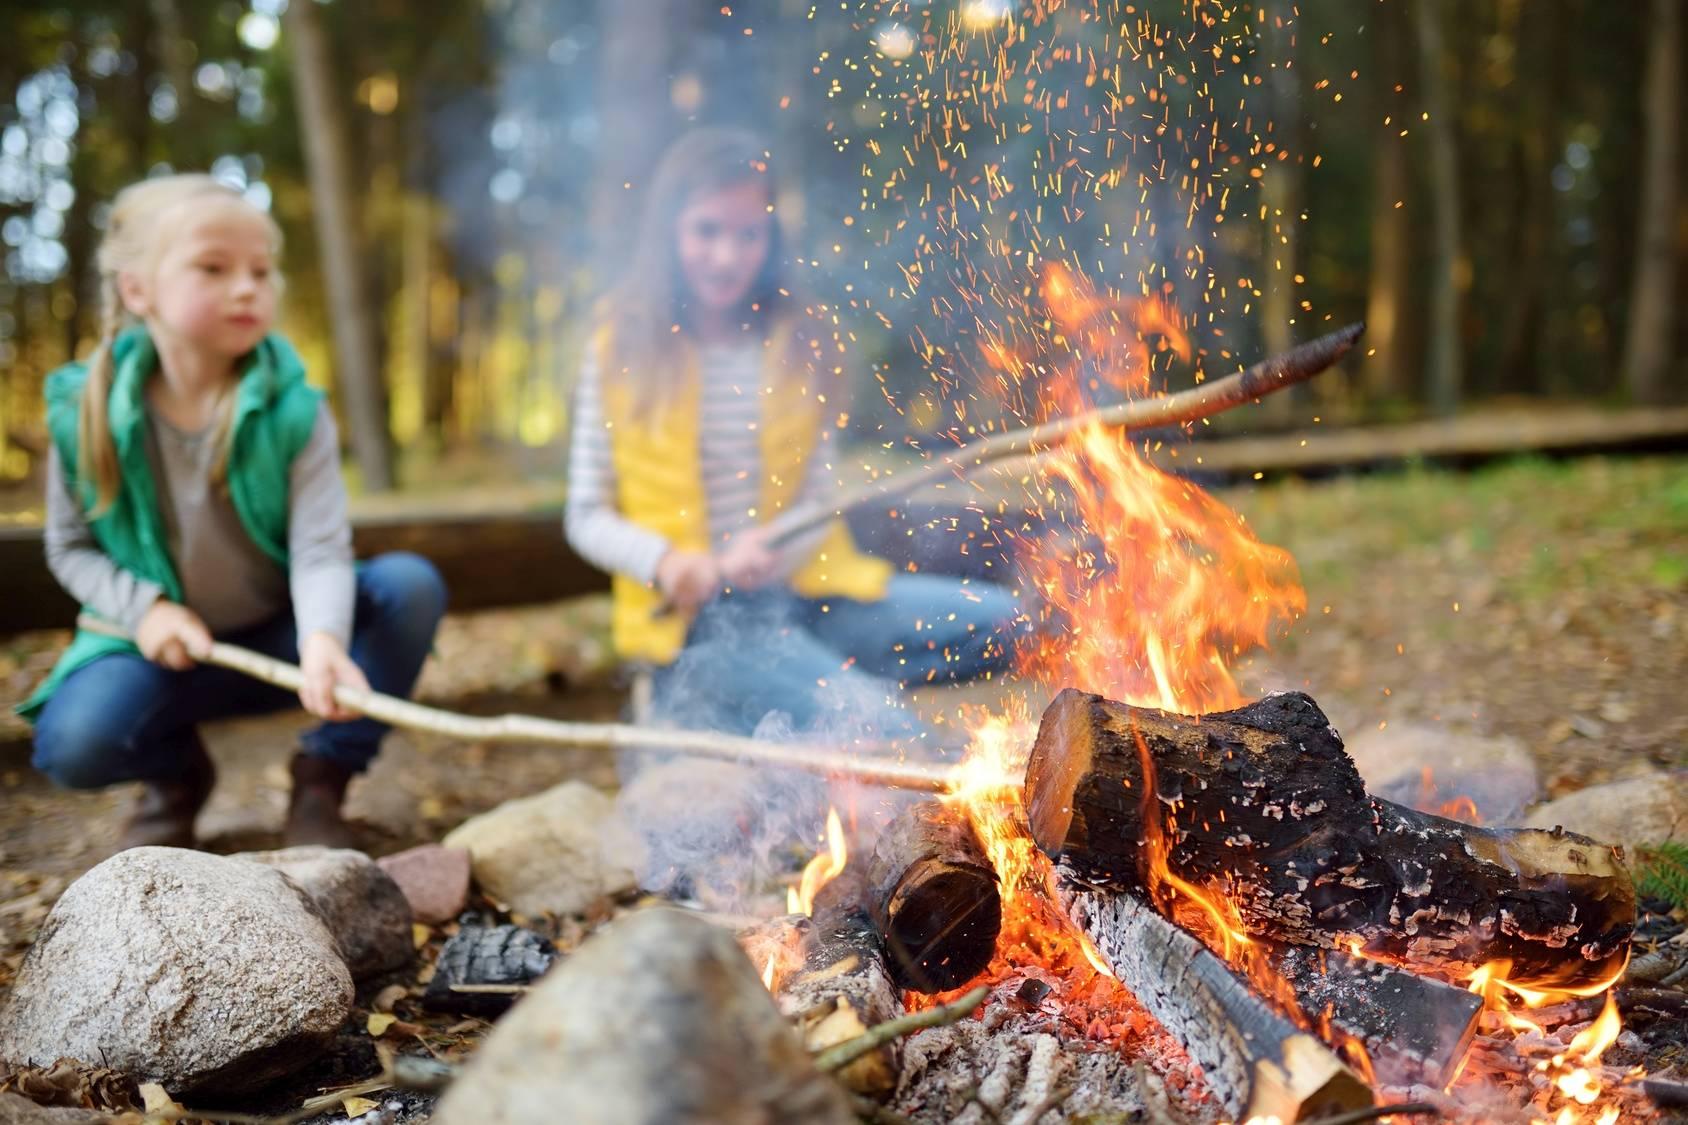 Pożar lasu - jak zachować środki ostrożności w lesie?